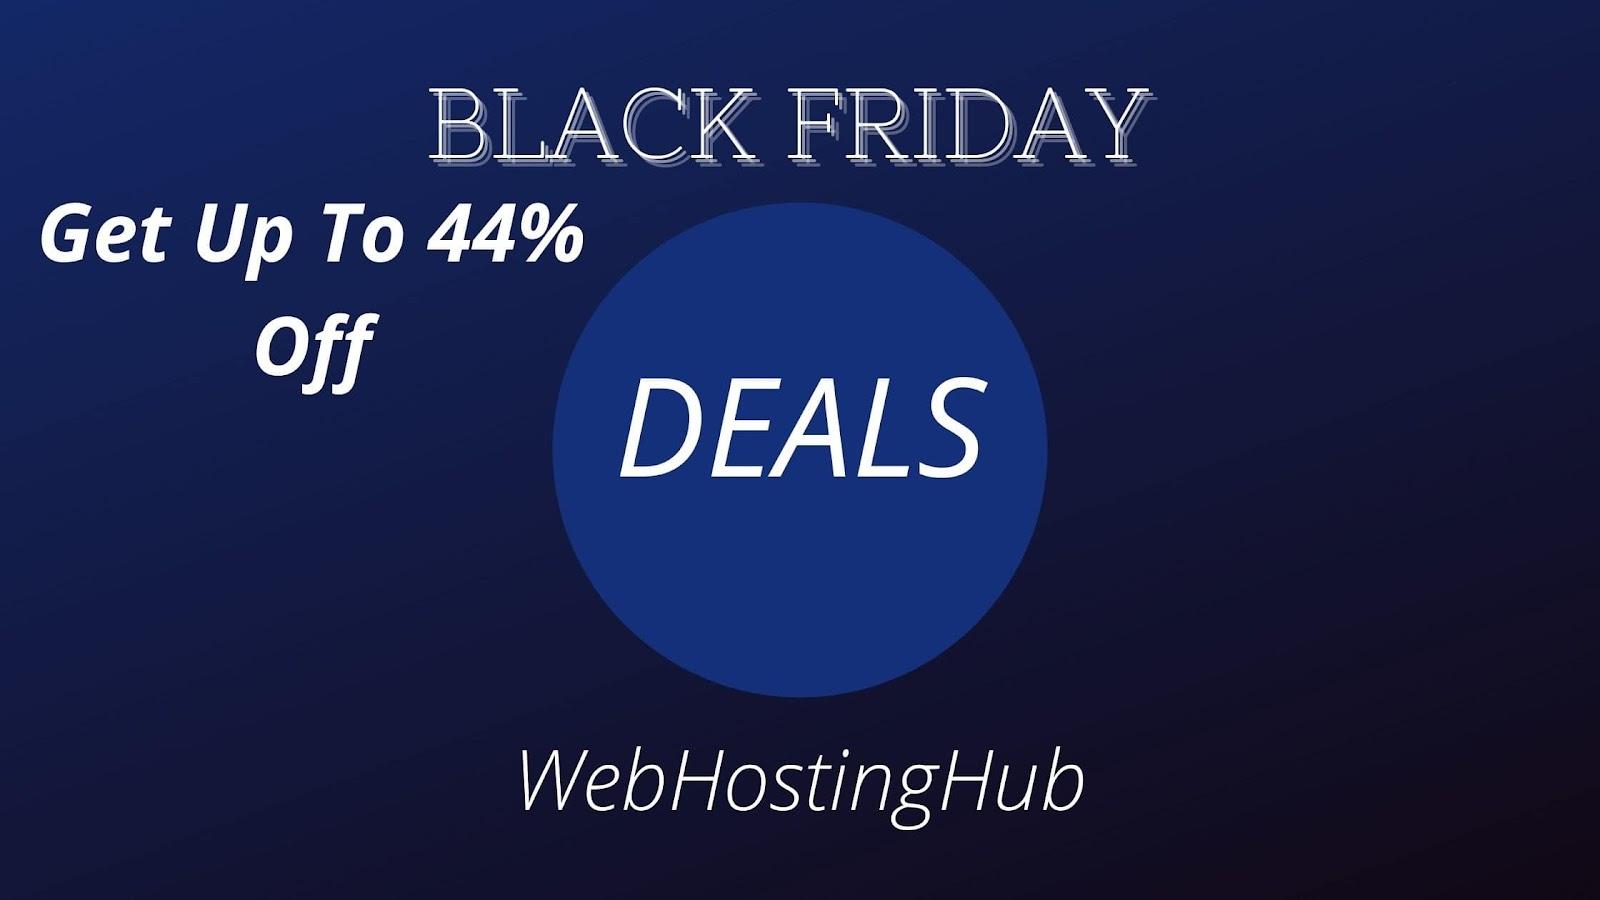 WEBHOSTINGHUB: Get 44% Off